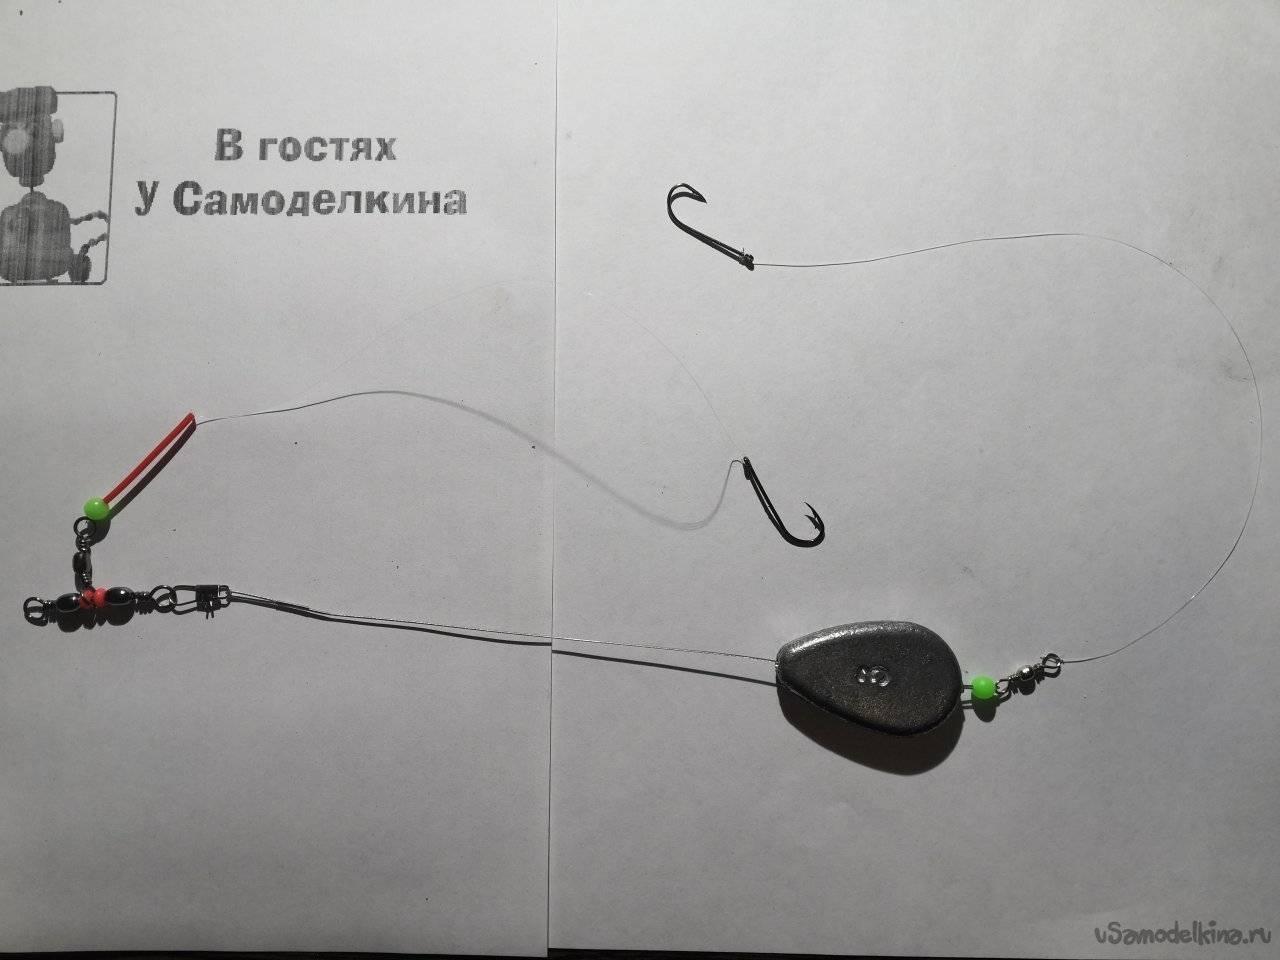 Донка из спиннинга: как сделать монтаж закидушки своими руками